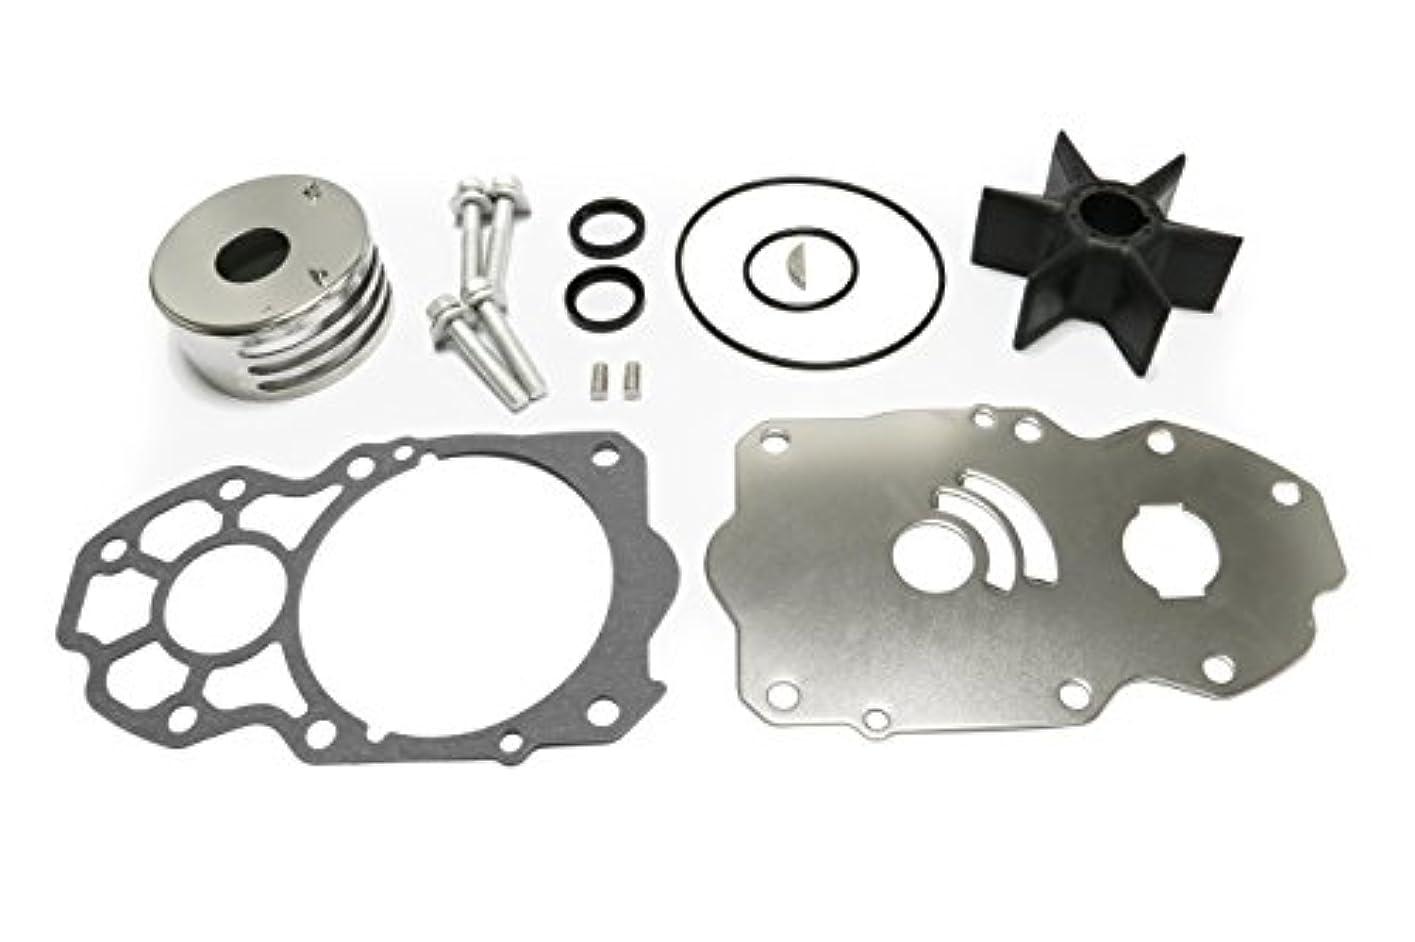 Createshao 225/250/300HPヤマハウォーターポンプ修理キットインペラーリビルドキット交換6CE-W0078-00,6CE-W0078-01-00